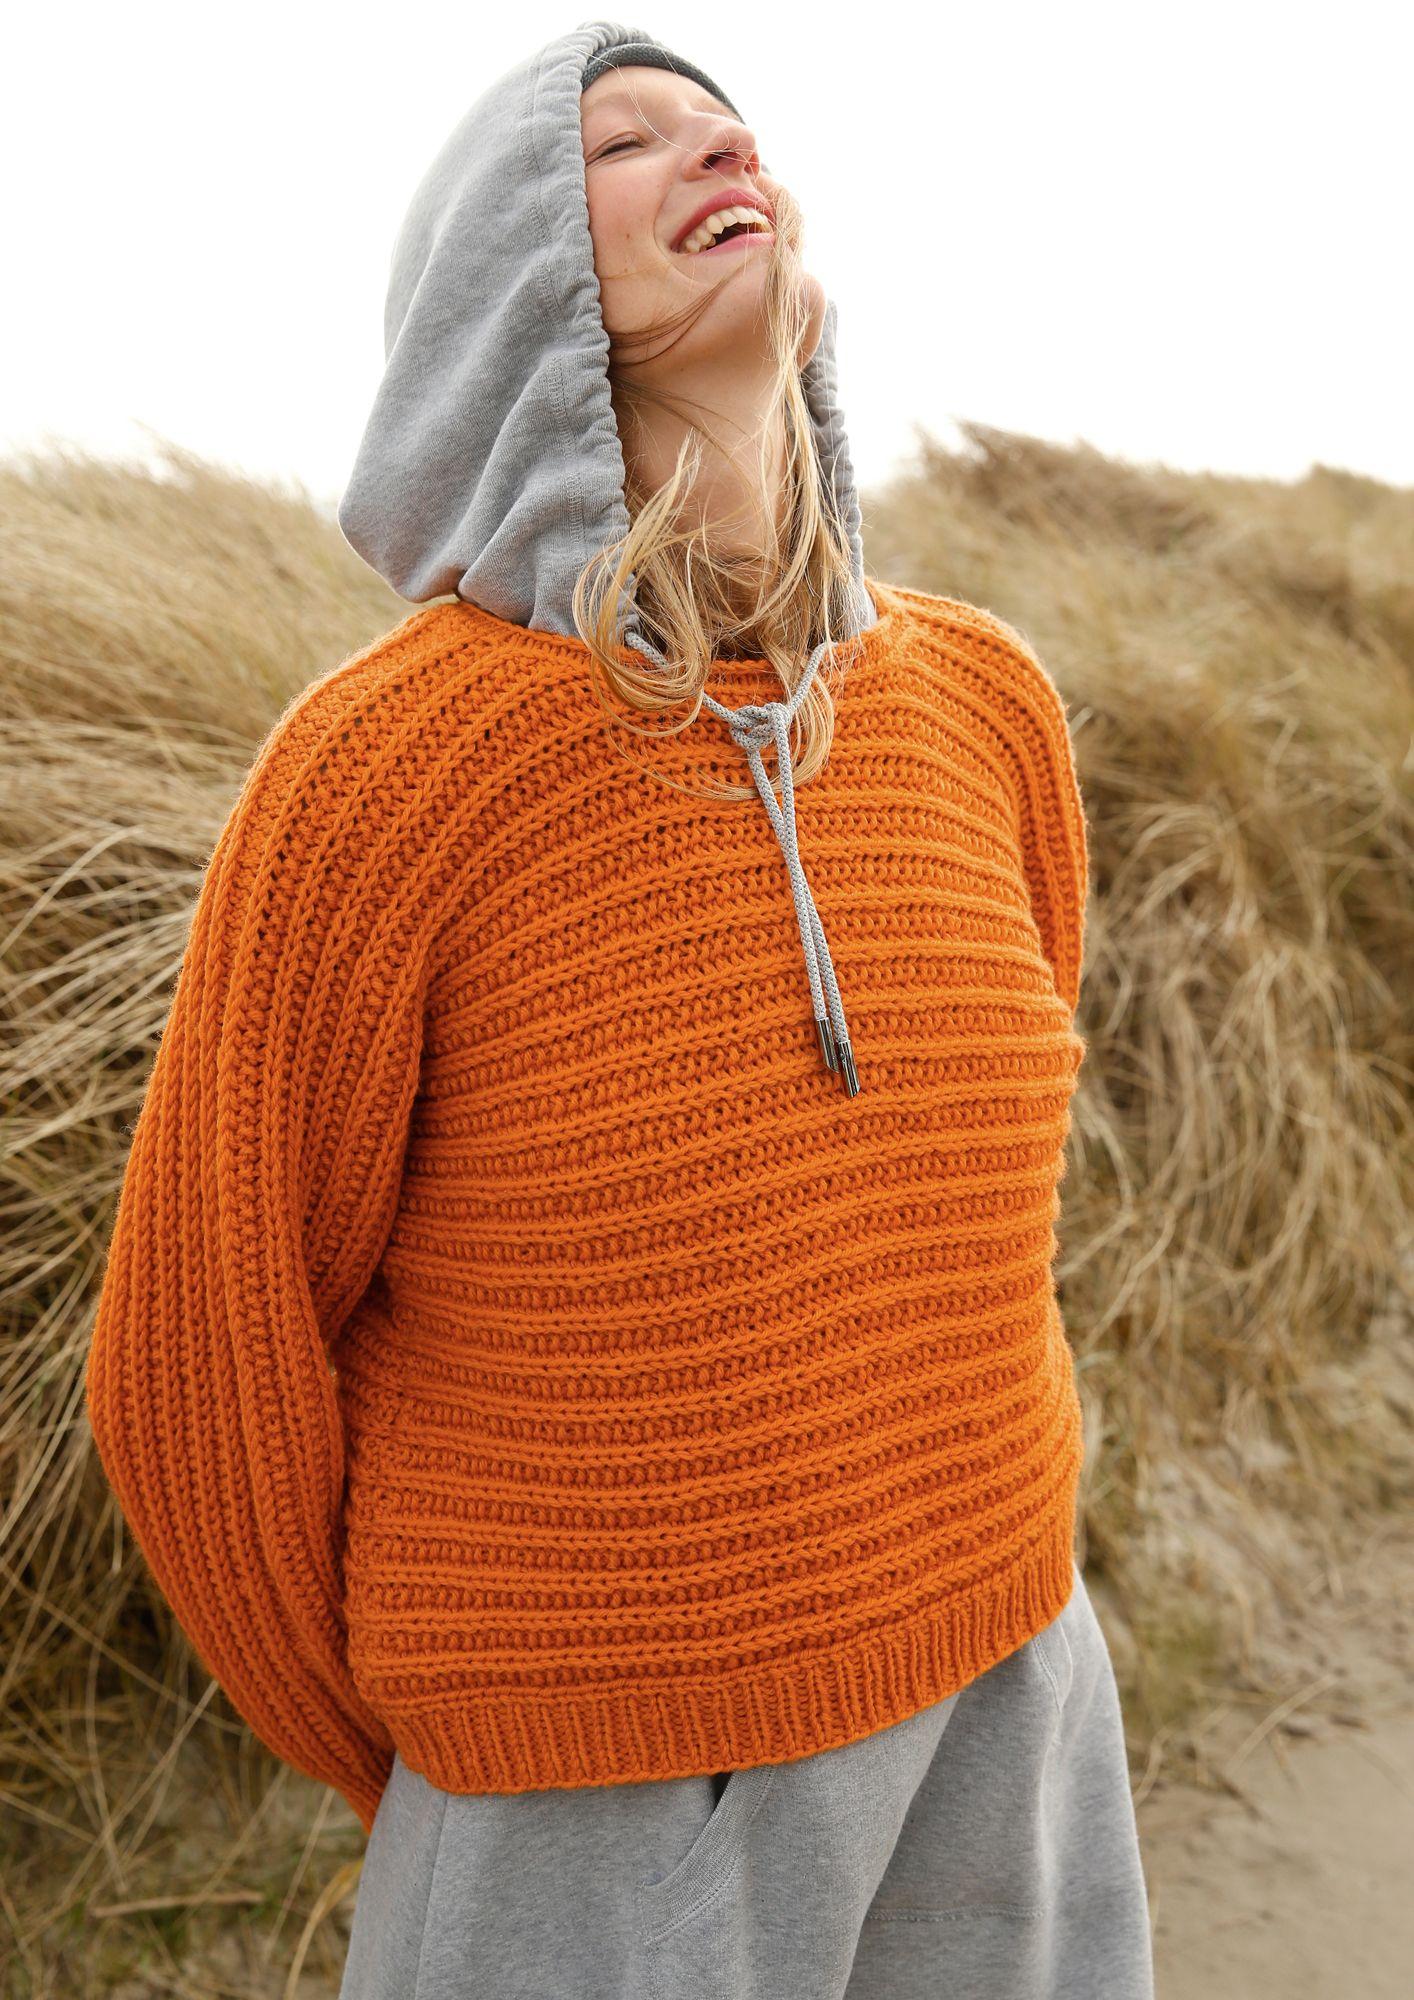 Quer gestrickter Pullover   Pullover stricken, Stricken und